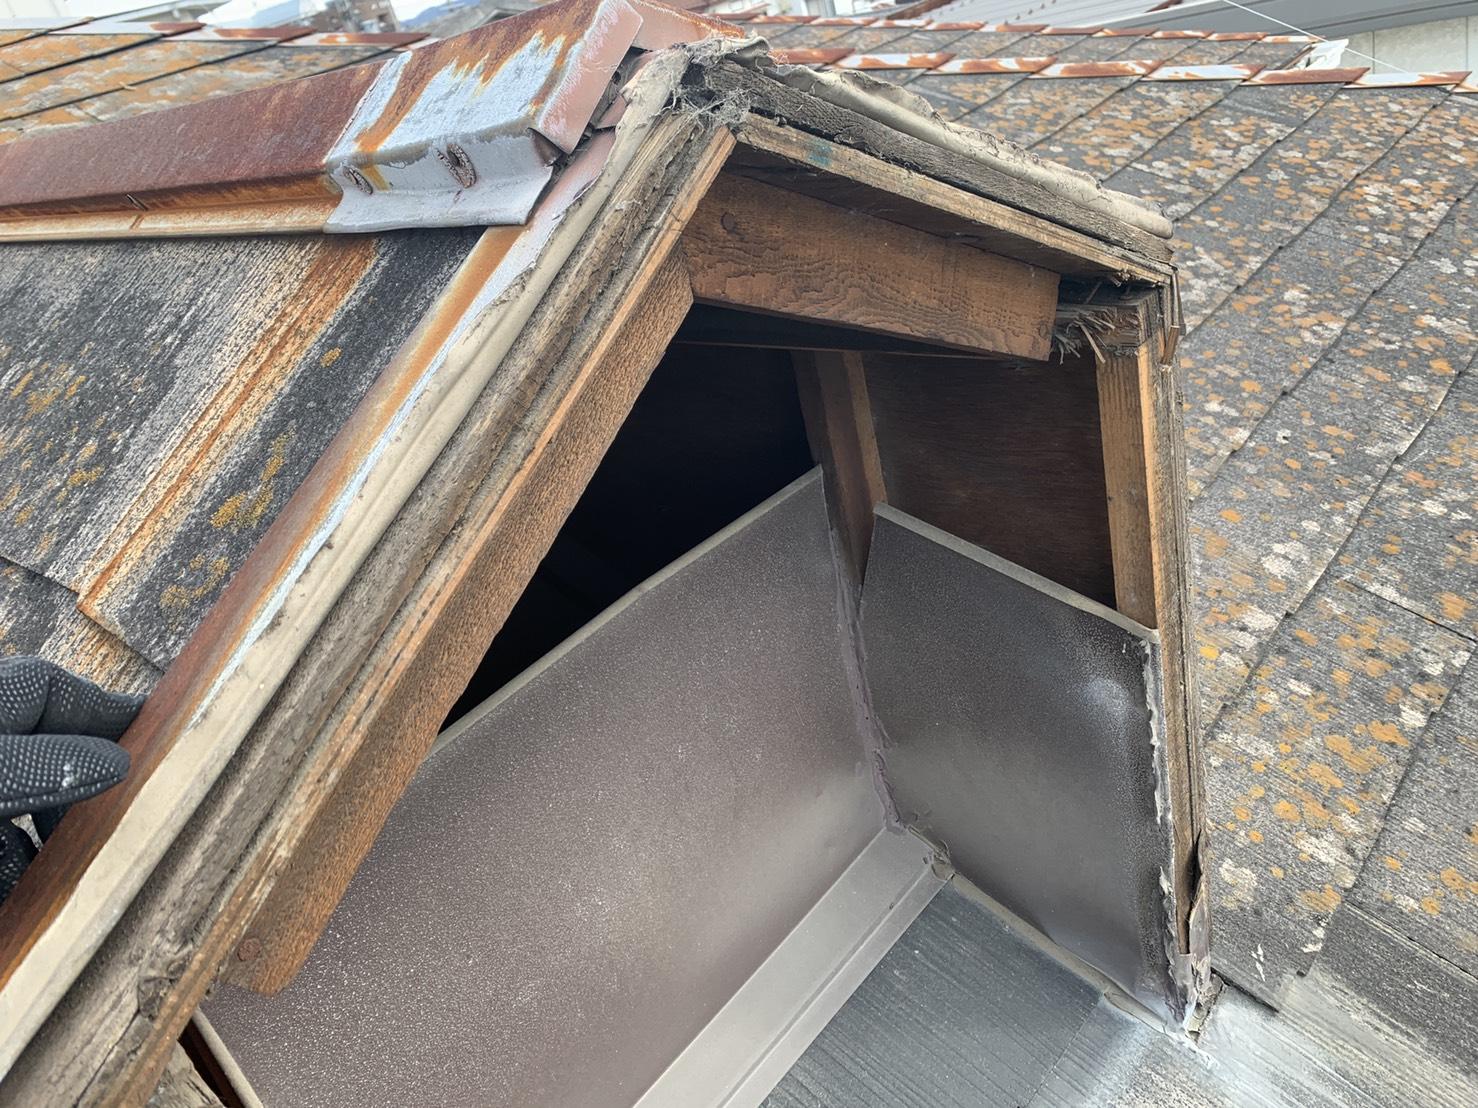 カバーが飛ばされた鳩小屋の様子